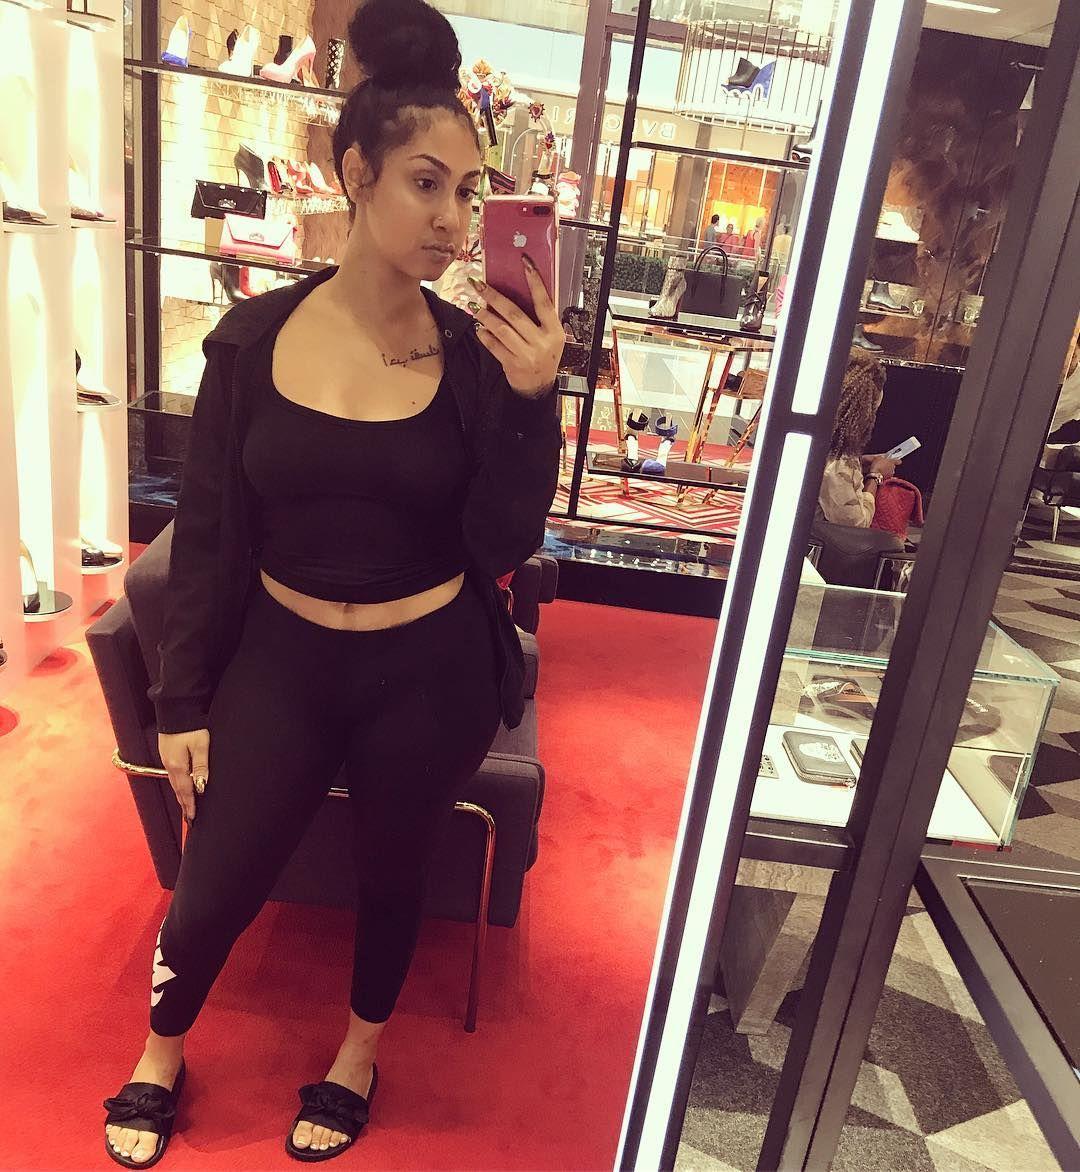 Selfie Krystal Nevaeh nude photos 2019